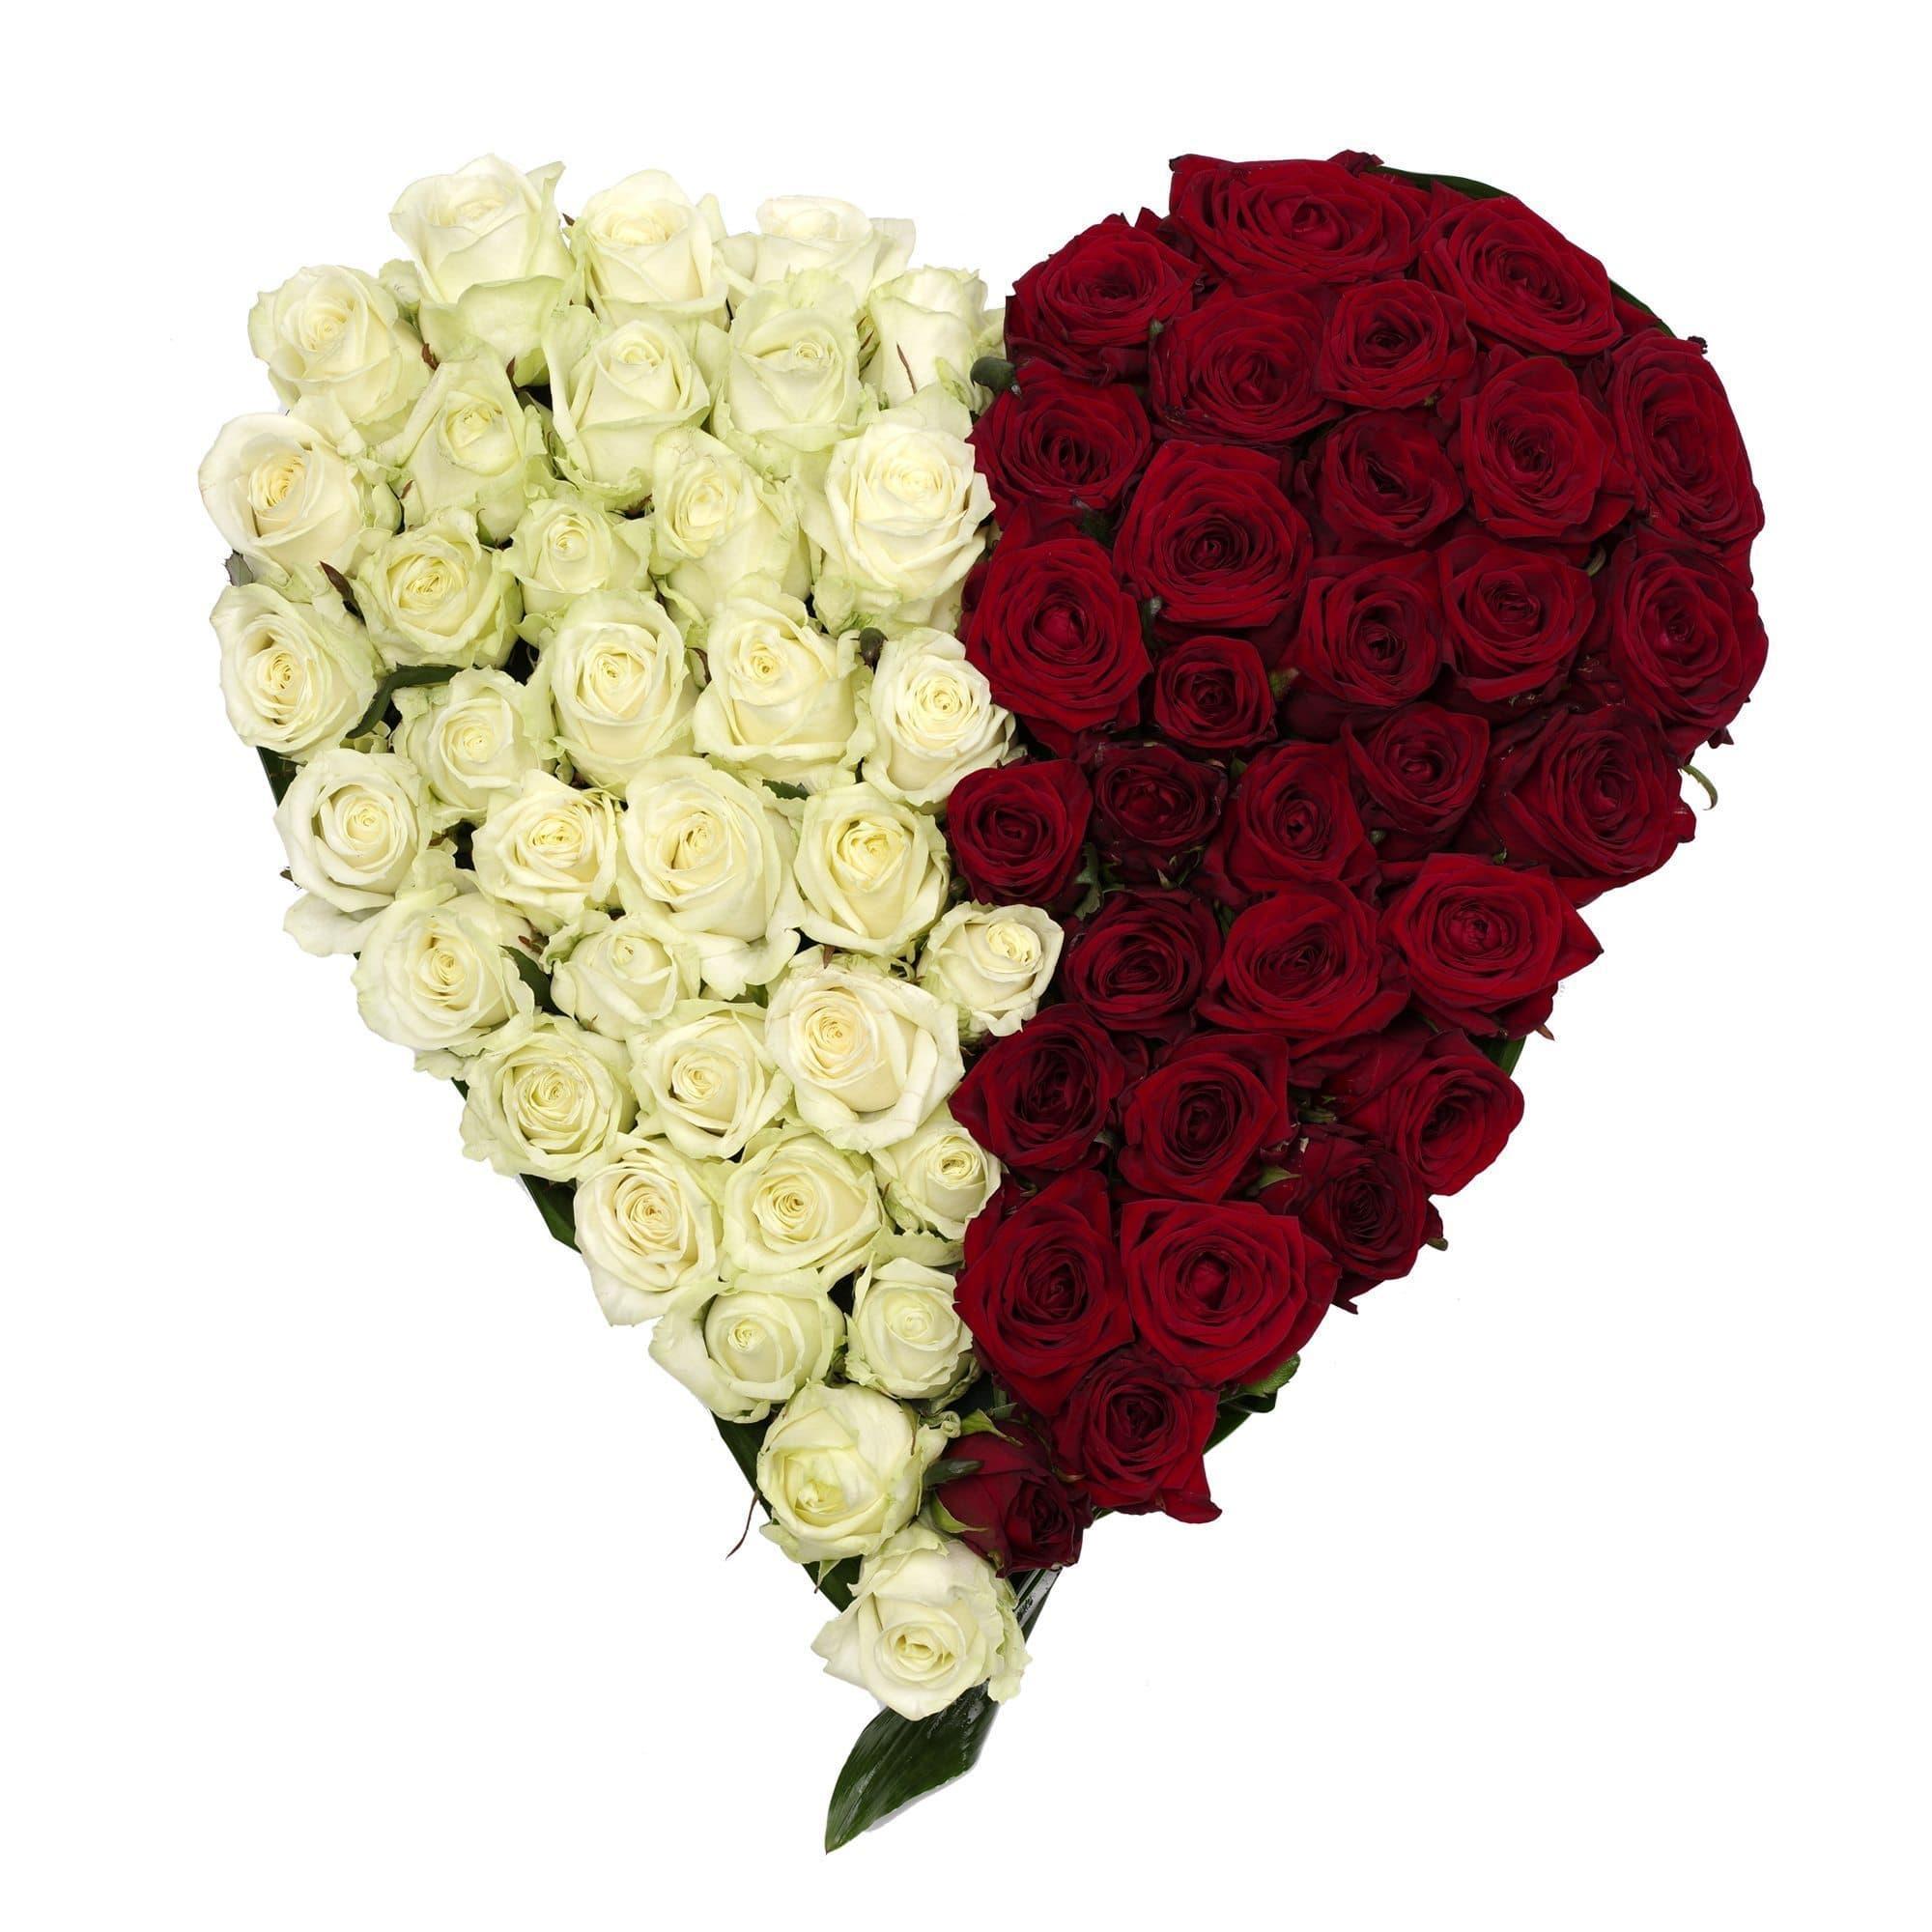 Love storyБелые розы<br>Love Story - это признание в любви, которое составлено из 101 розы и зелени в форме сердца. Цветы бережно вставлены в оазис. Это специальная губка, которая пропитана водой. Розы можно оставить без полива на целый день. Контур композиции сделан из зеленых ...<br>